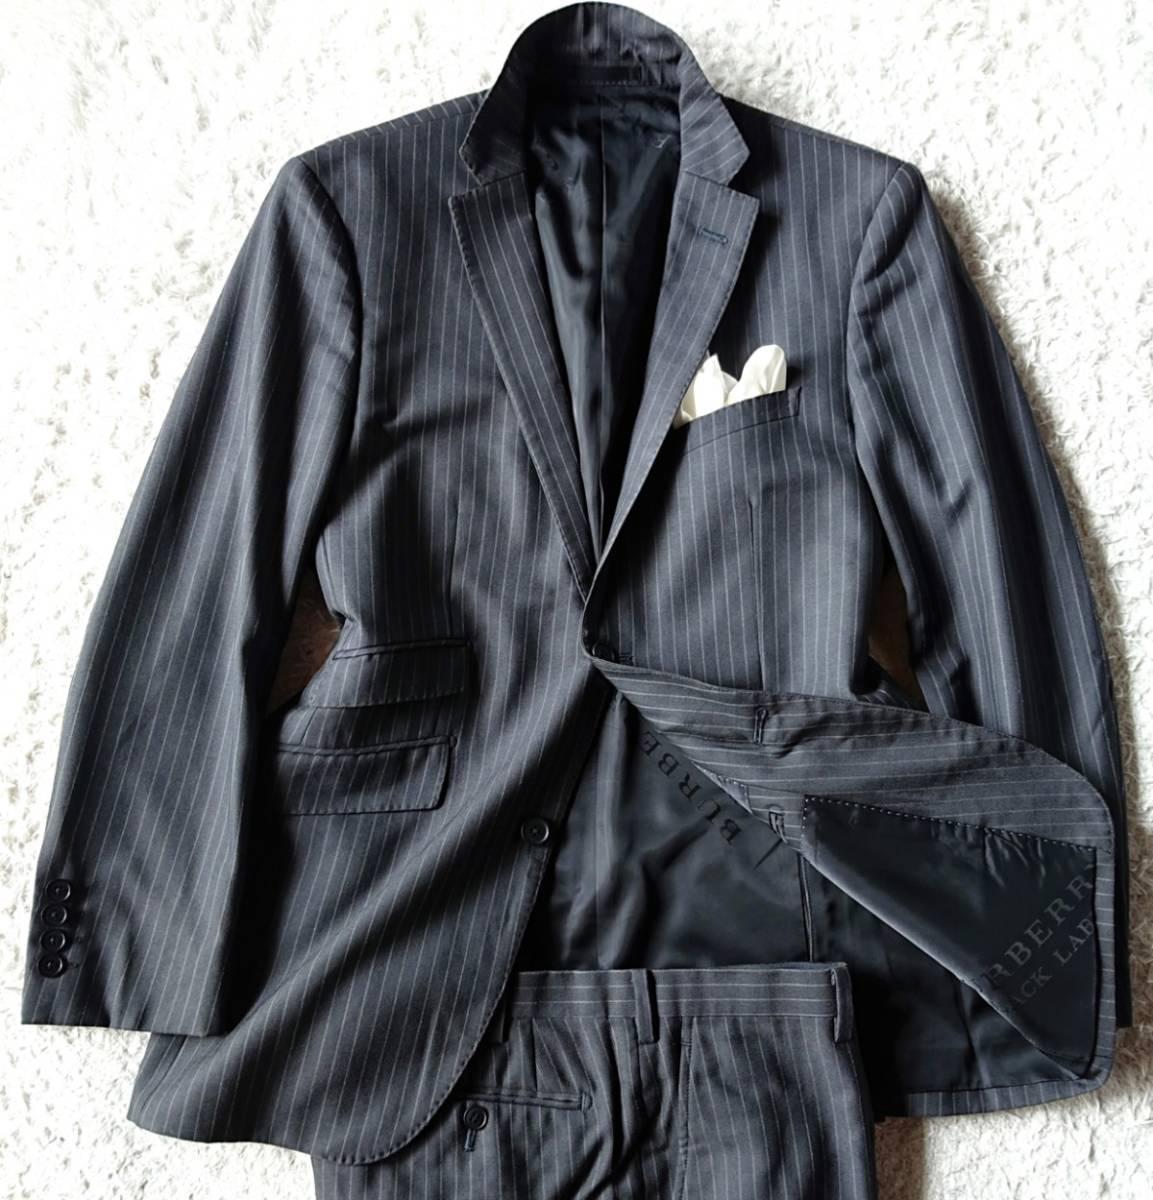 美品 英国仕様 希少な極上デザイン英文字ロゴ入 柔らかな肌触り★ バーバリー ブラック レーベル スーツ セットアップ メンズ ダークグレー